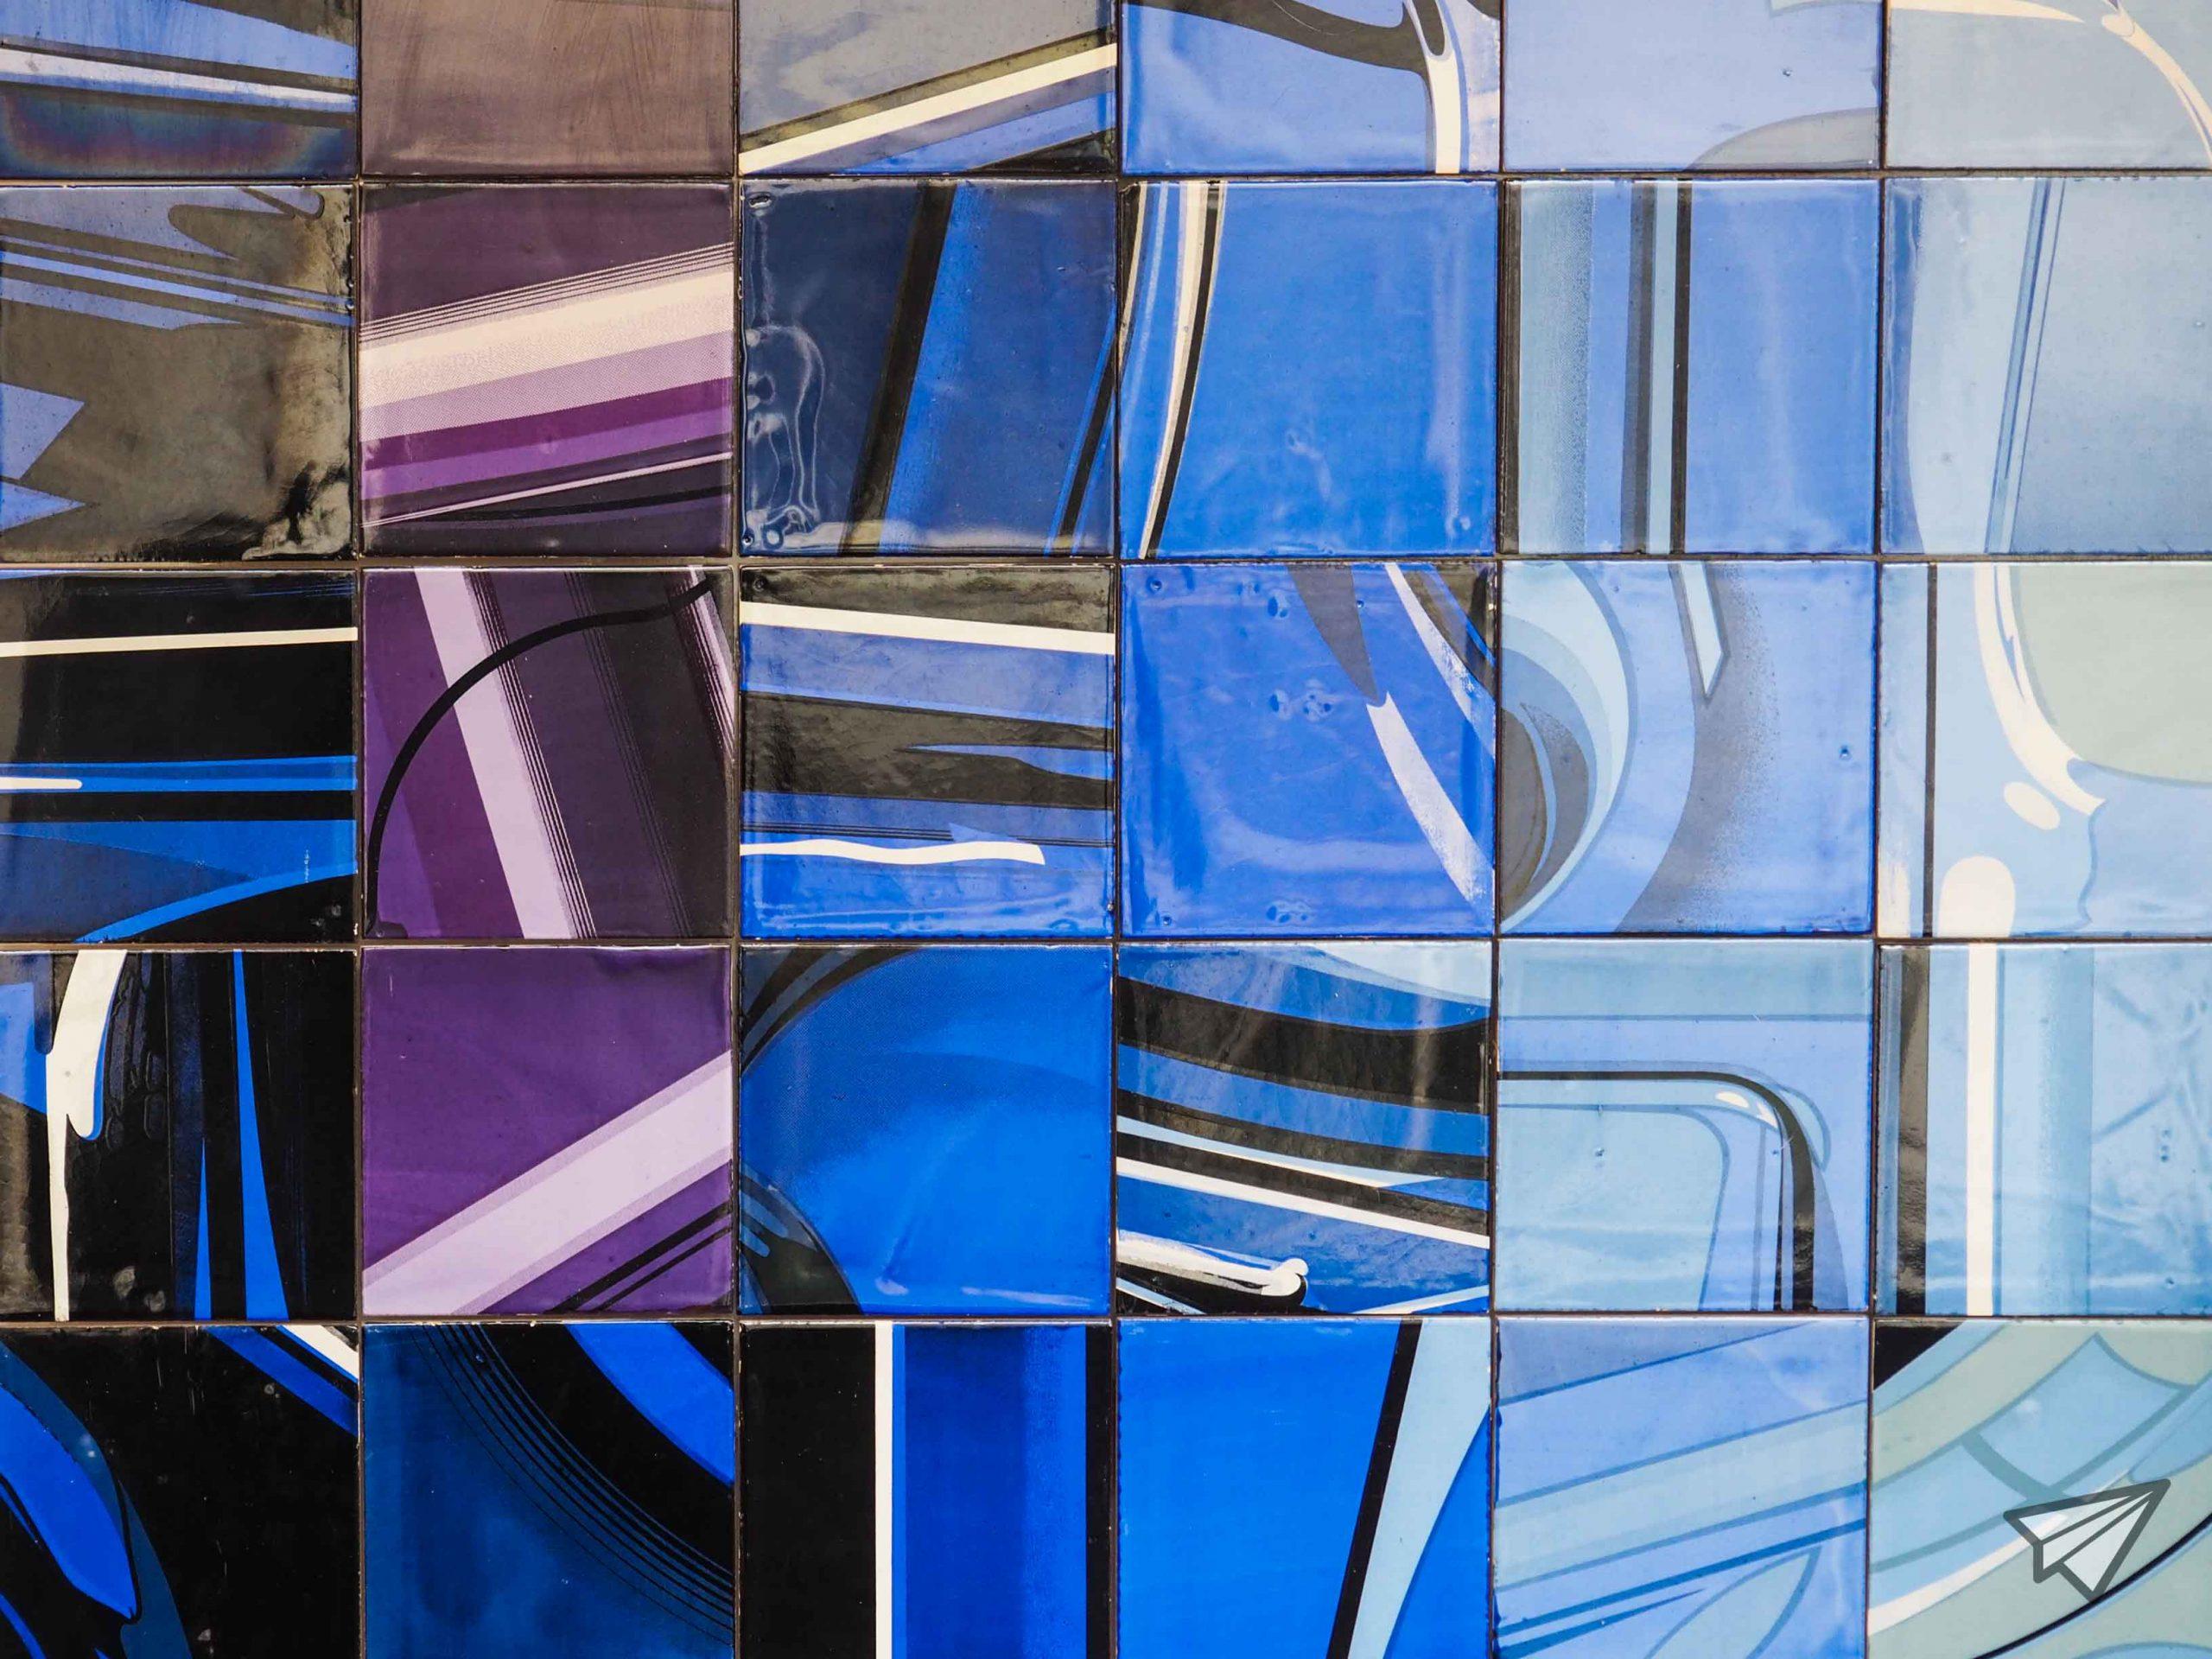 Museu Nacional do Azulejo colors